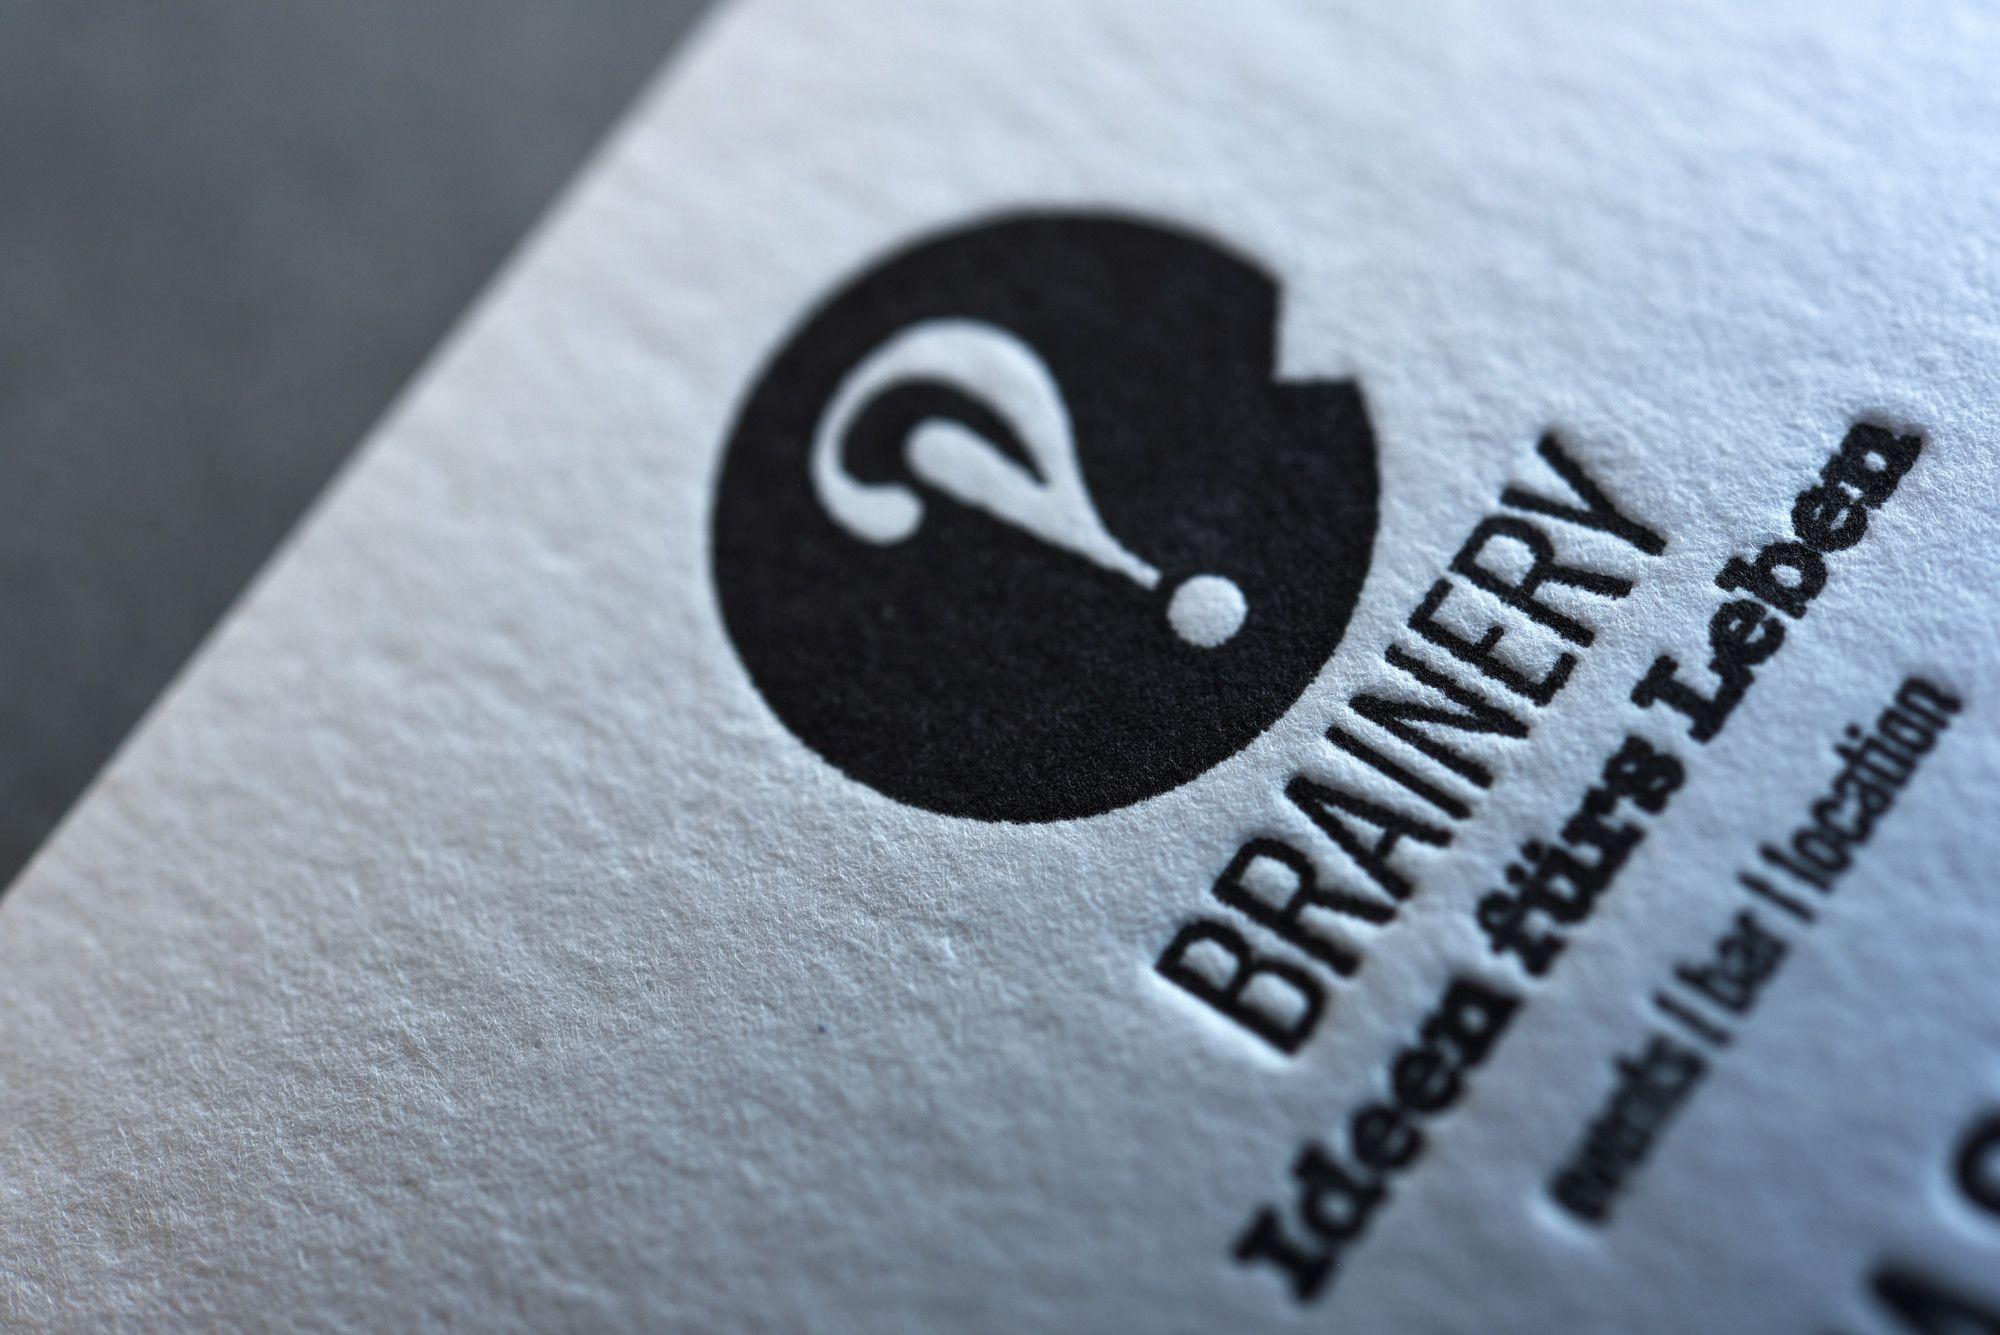 Drucktechnik Letterpress Papier Gmund Cotton 600 G Qm